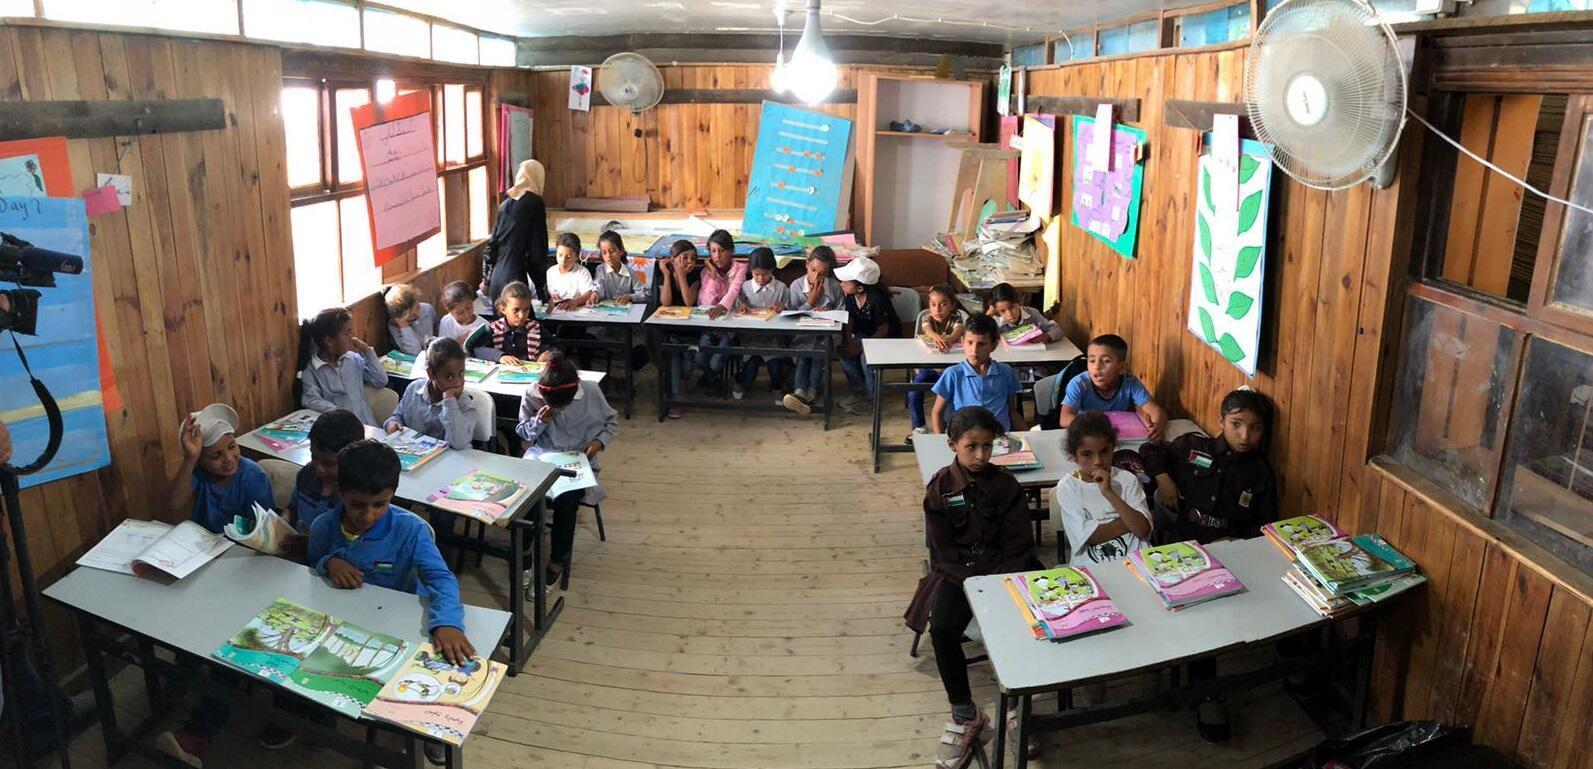 Photo d'une salle de classe à l'école du village de Khan al-Ahmar, envoyée par notre Observateur.